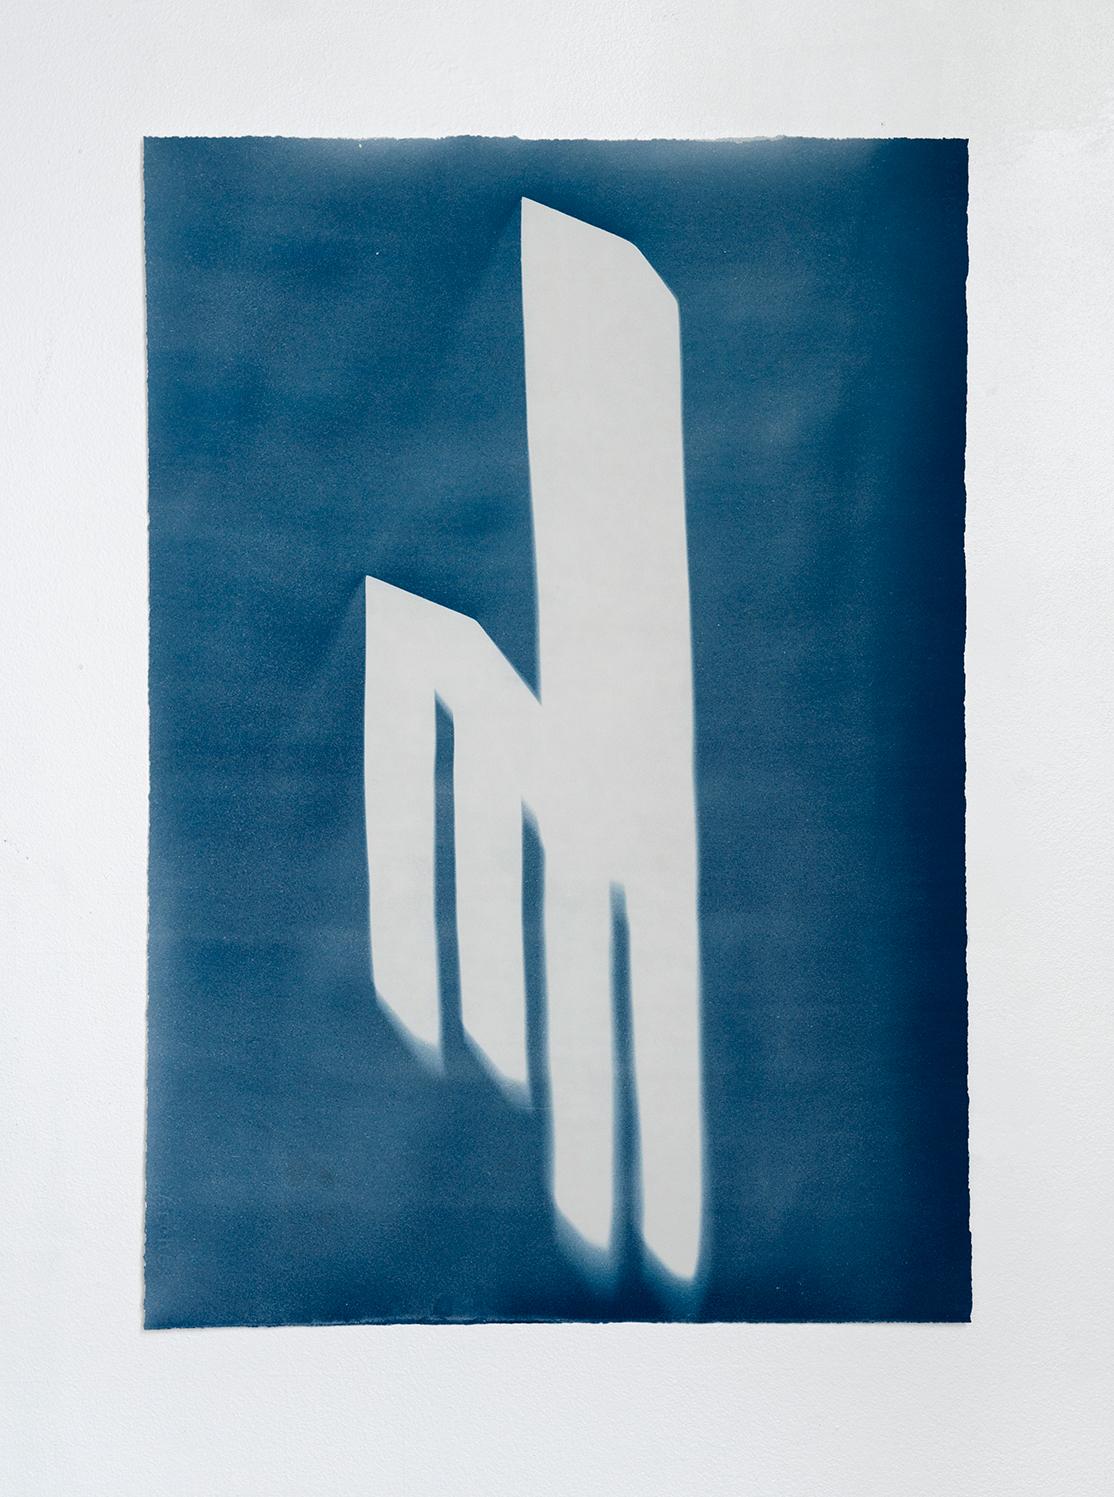 Cyanotype I 2014 I cyanotype print on paper I 20.25 x 29.5